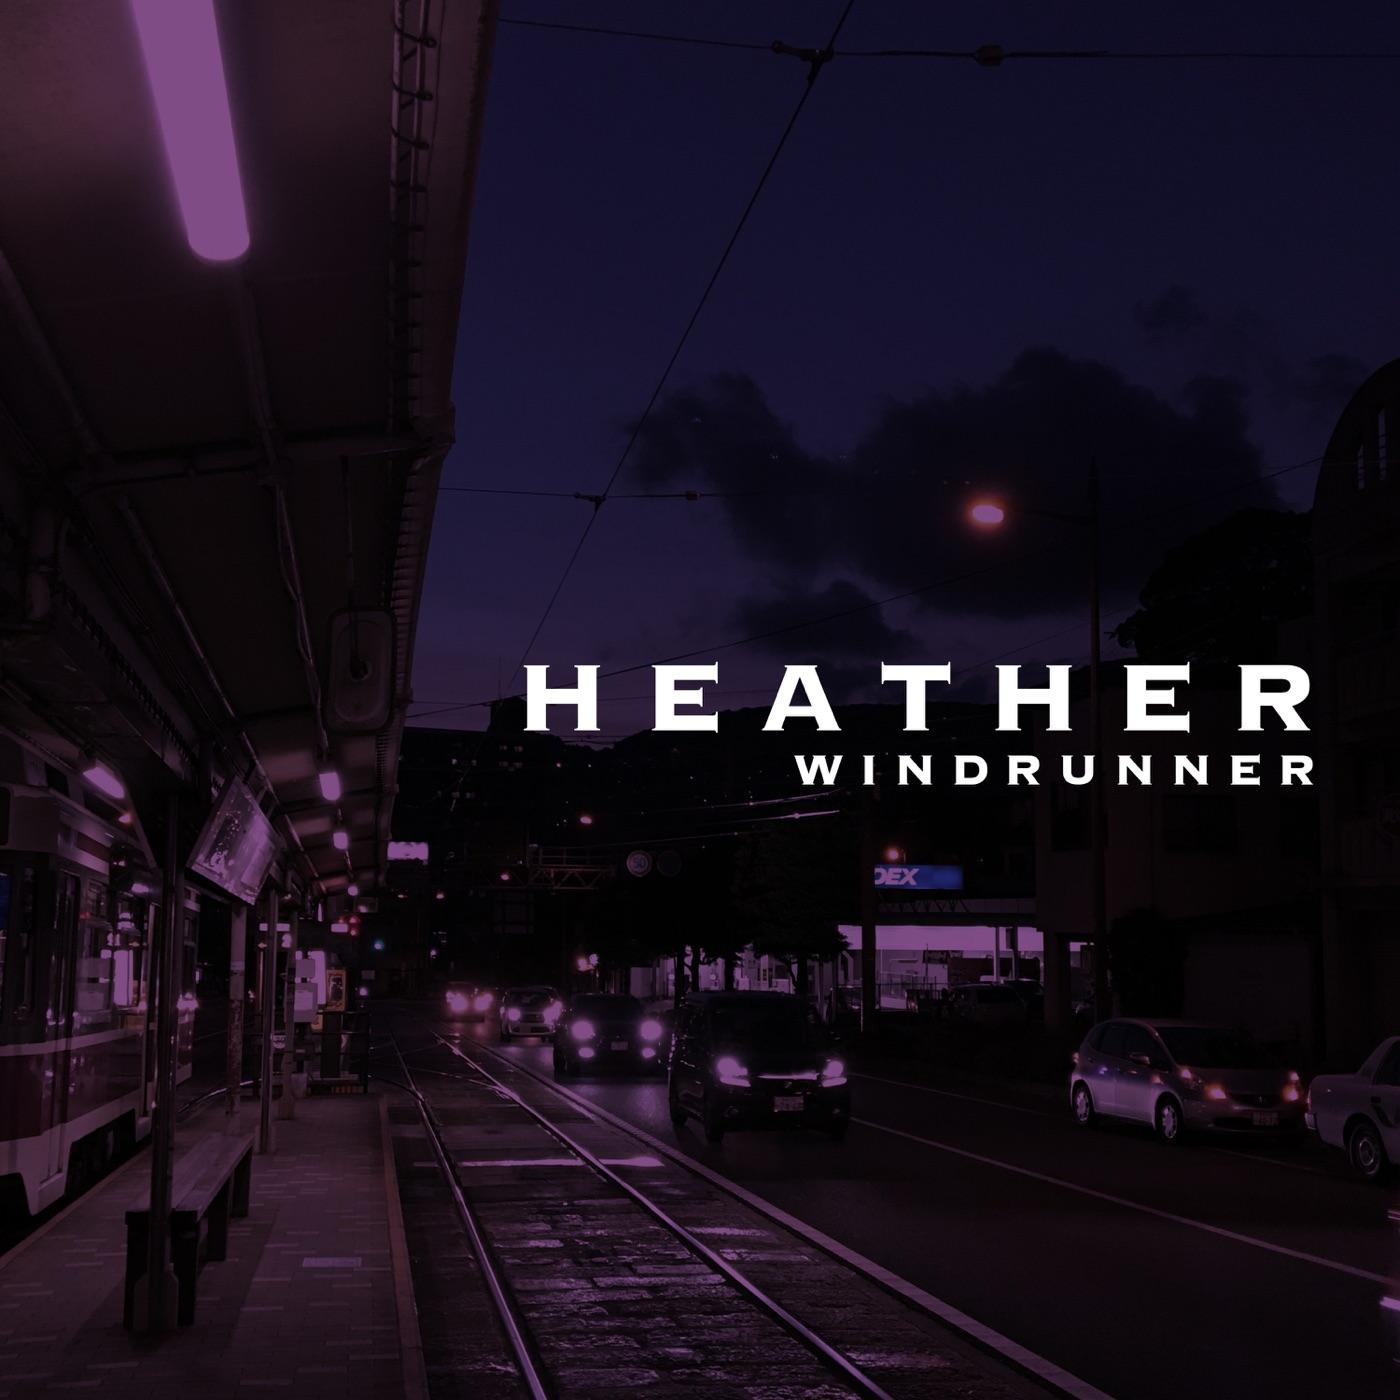 Windrunner - Heather [single] (2019)